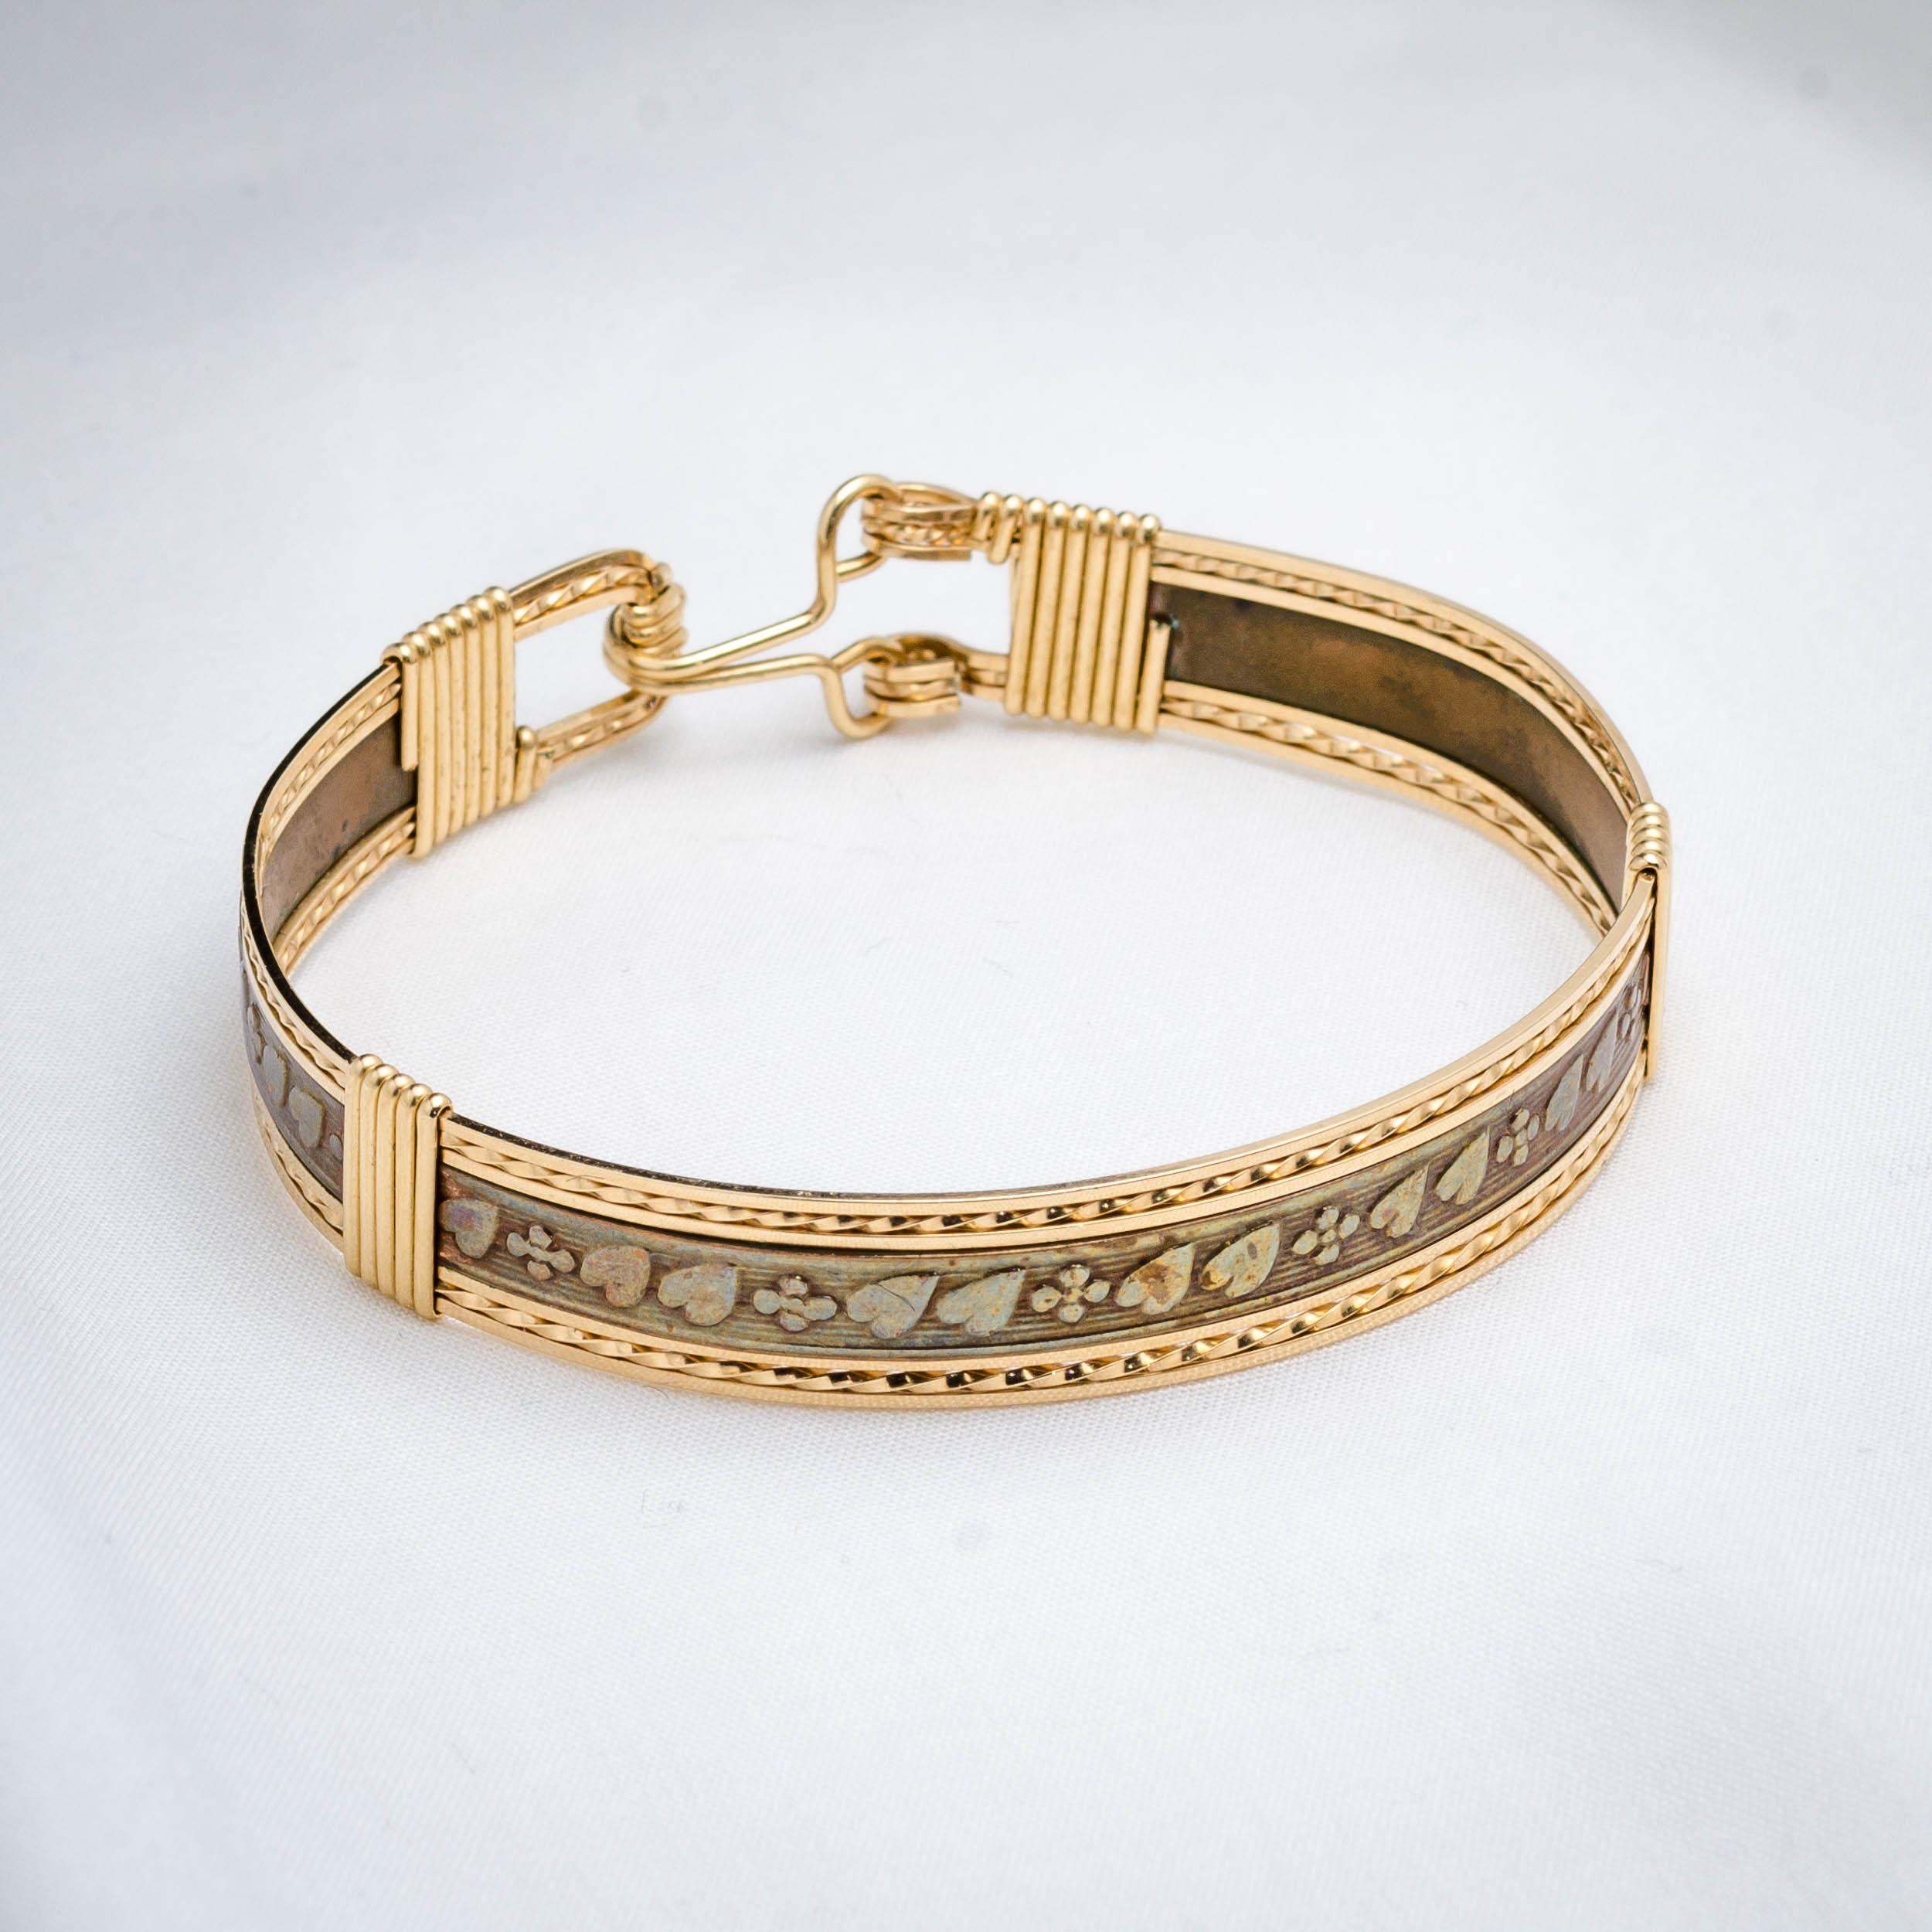 Bracelet_104.JPG